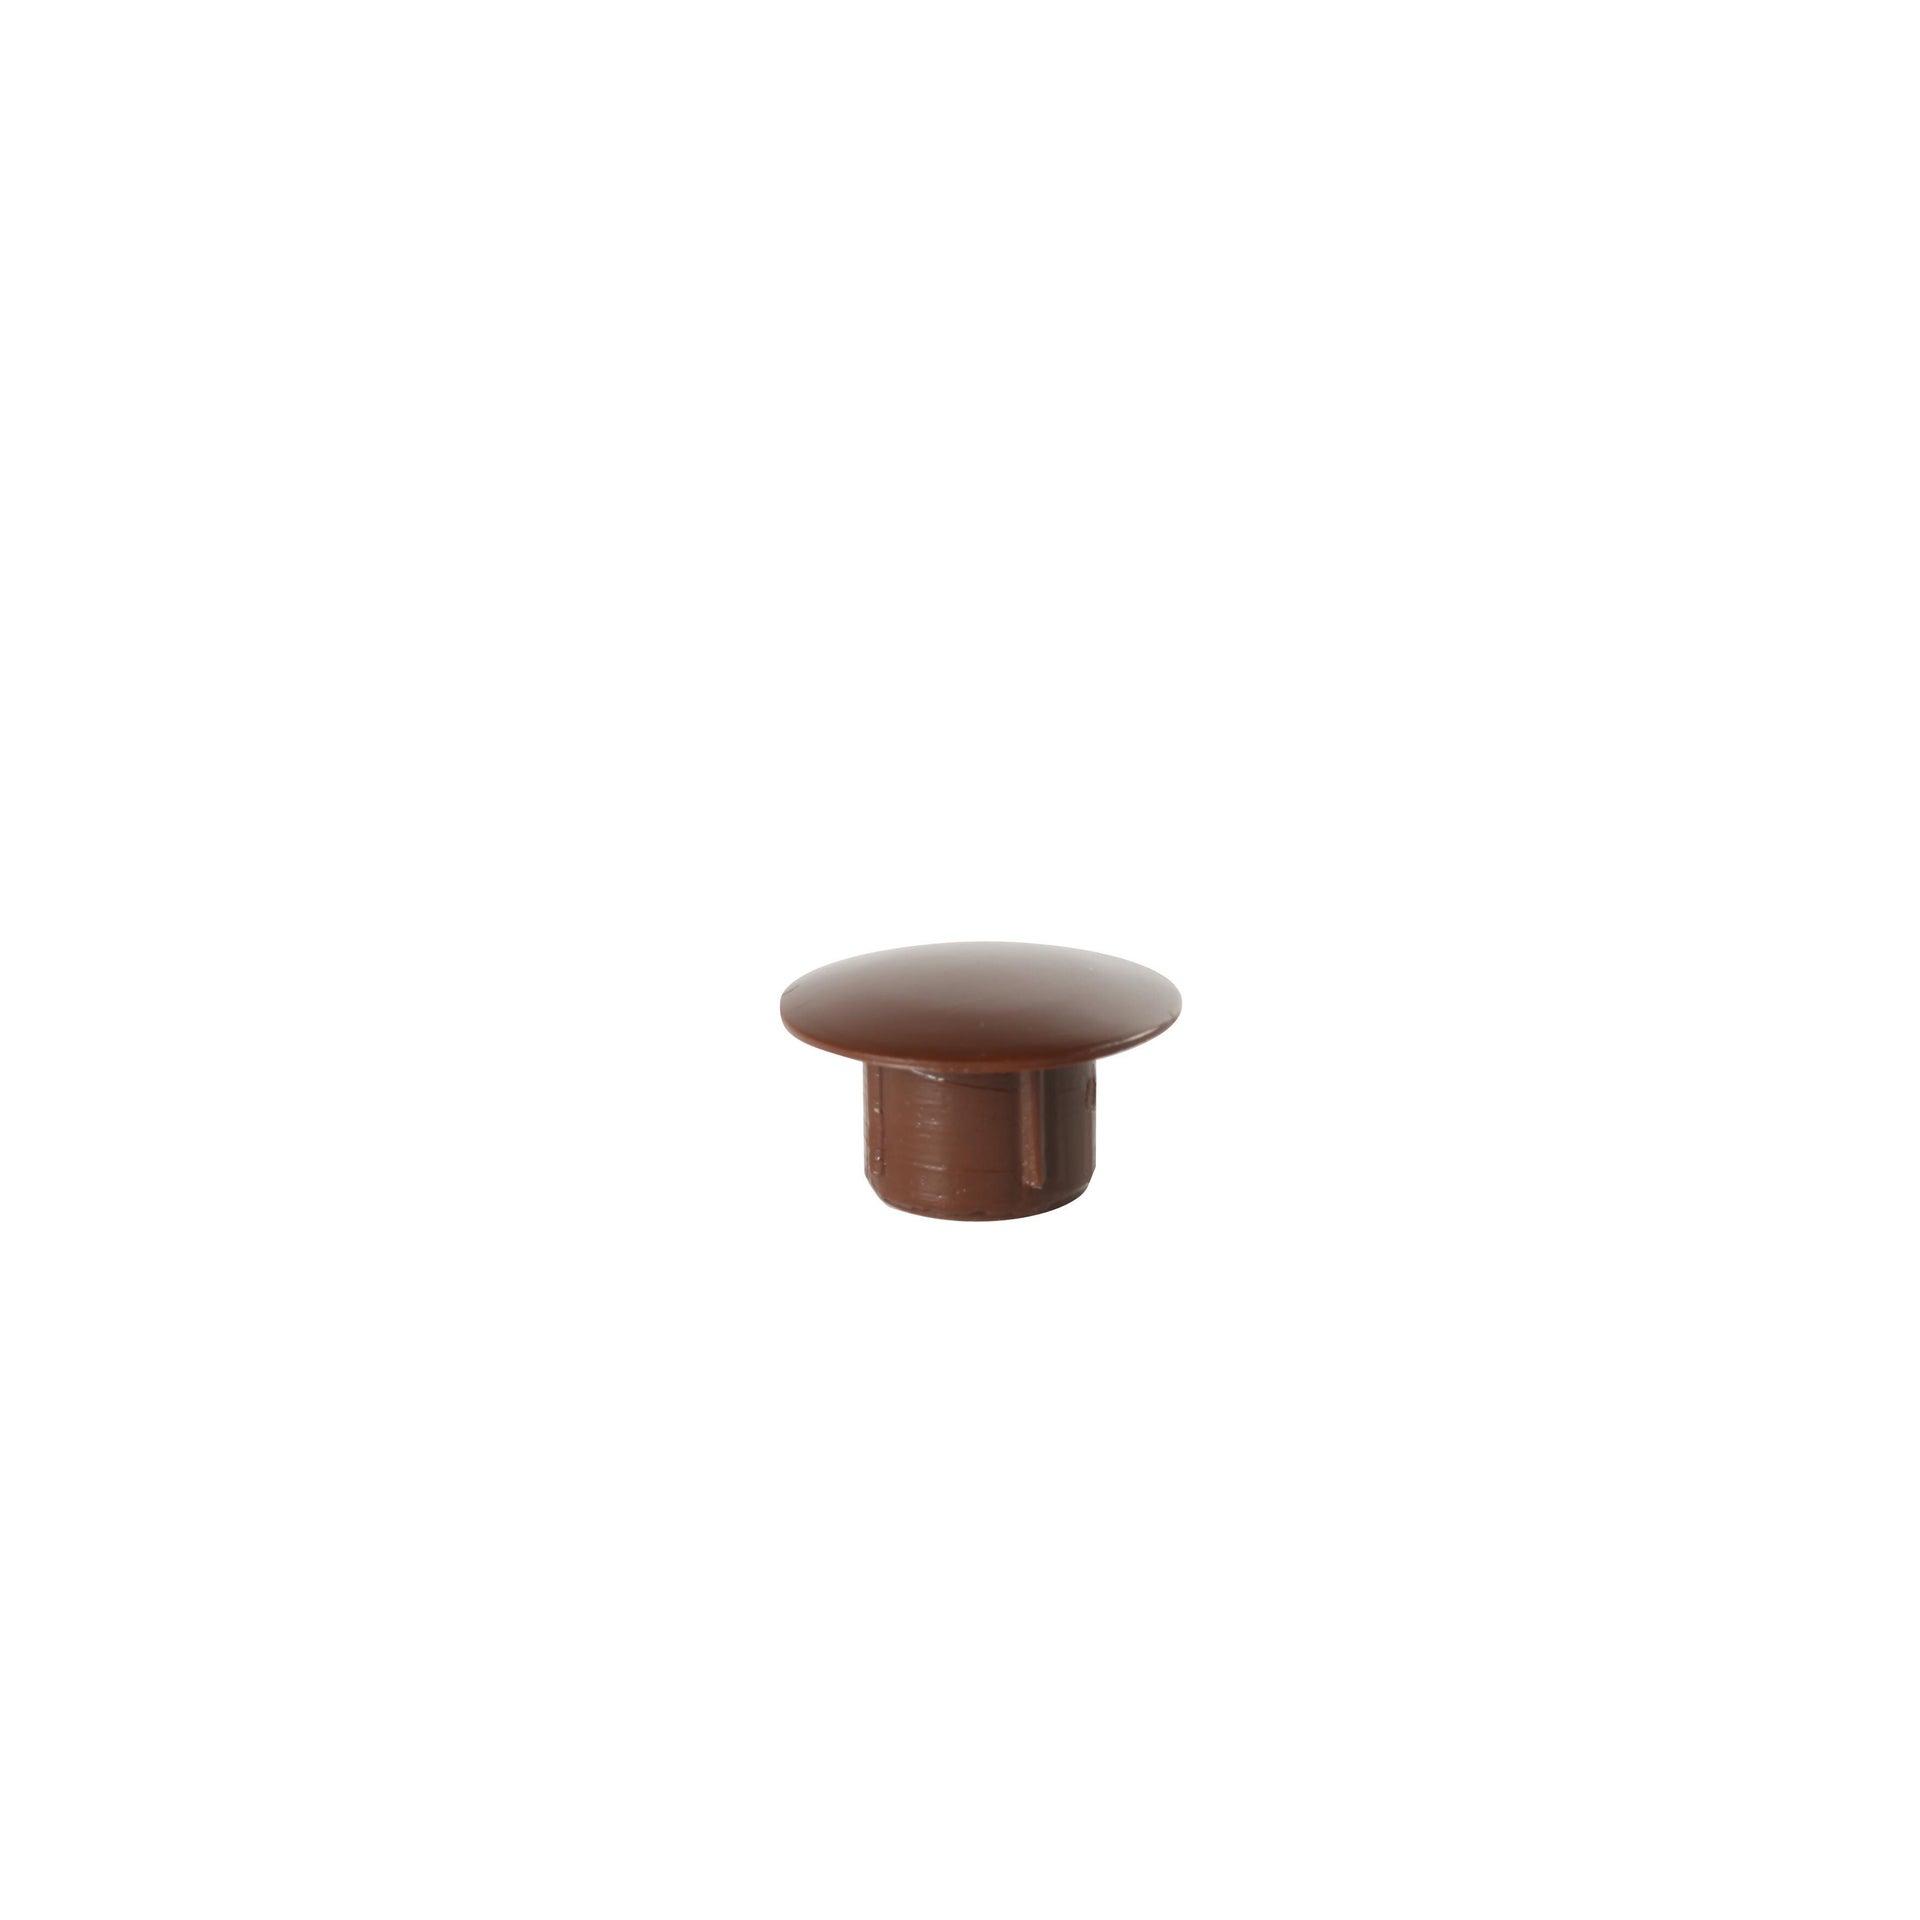 Copri buco Tondo in plastica marrone Ø 10 mm, 8 pezzi